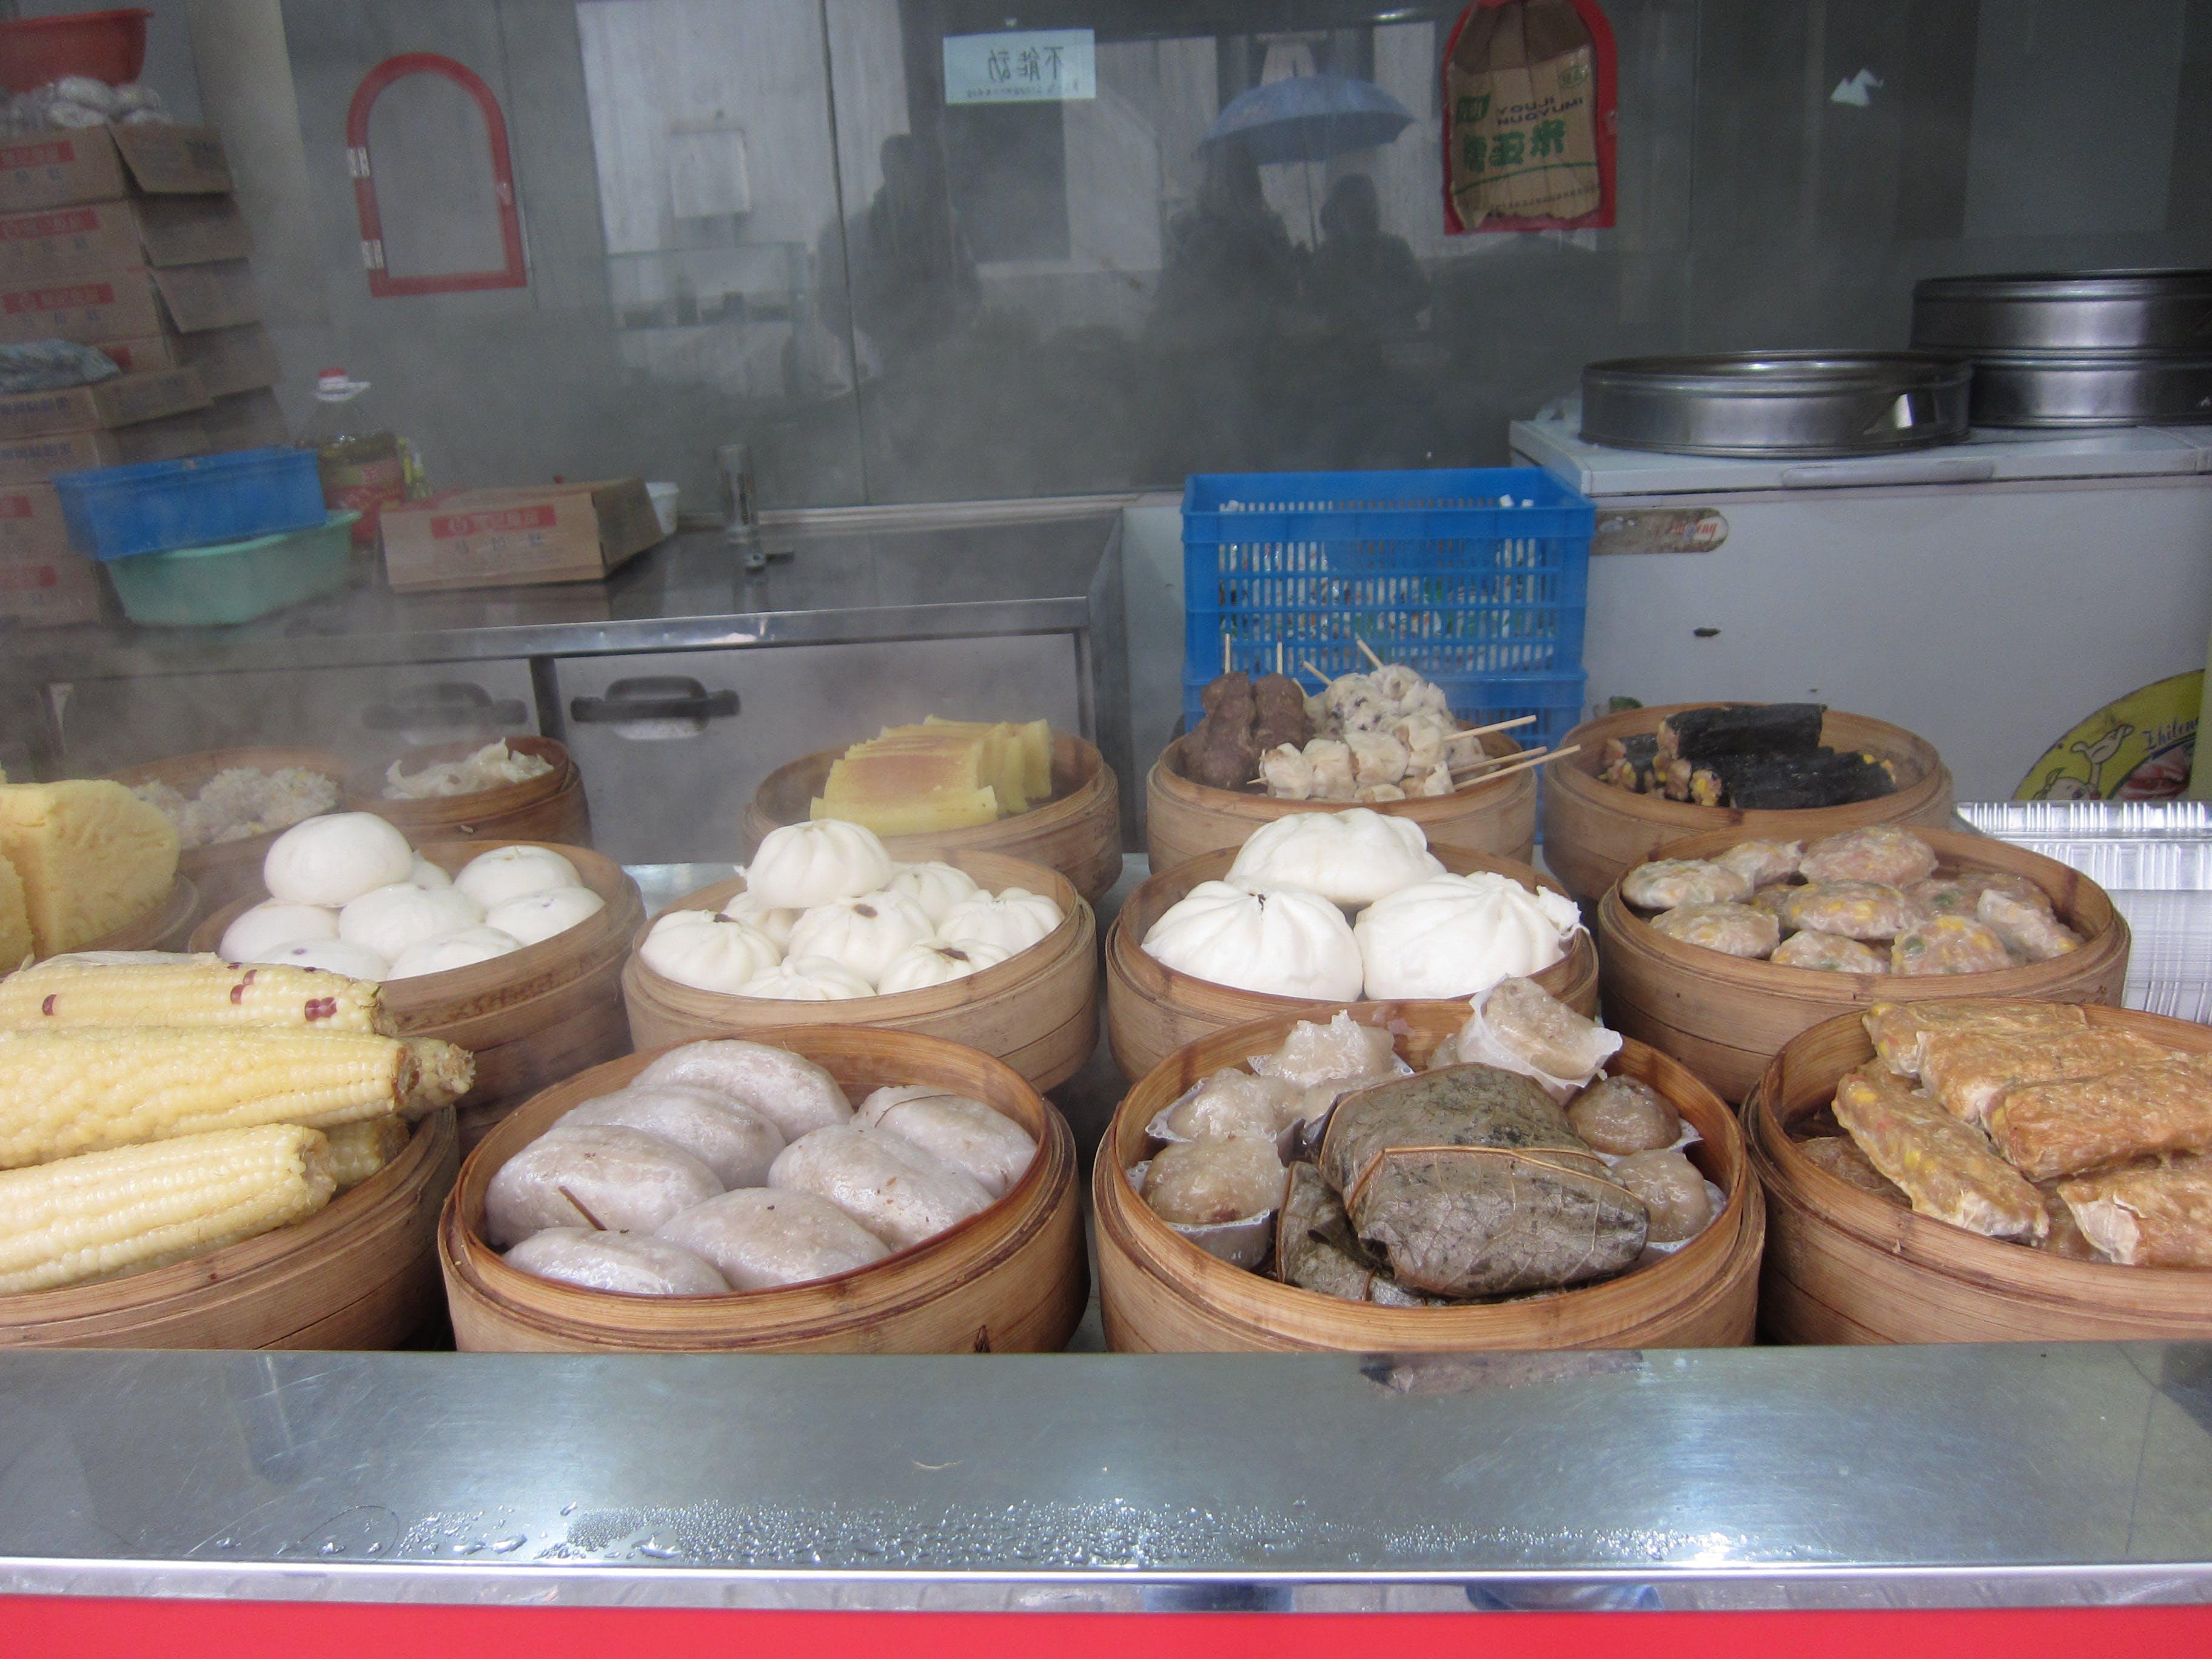 dianasilaraja, mercat de carrer, mercat de la xina